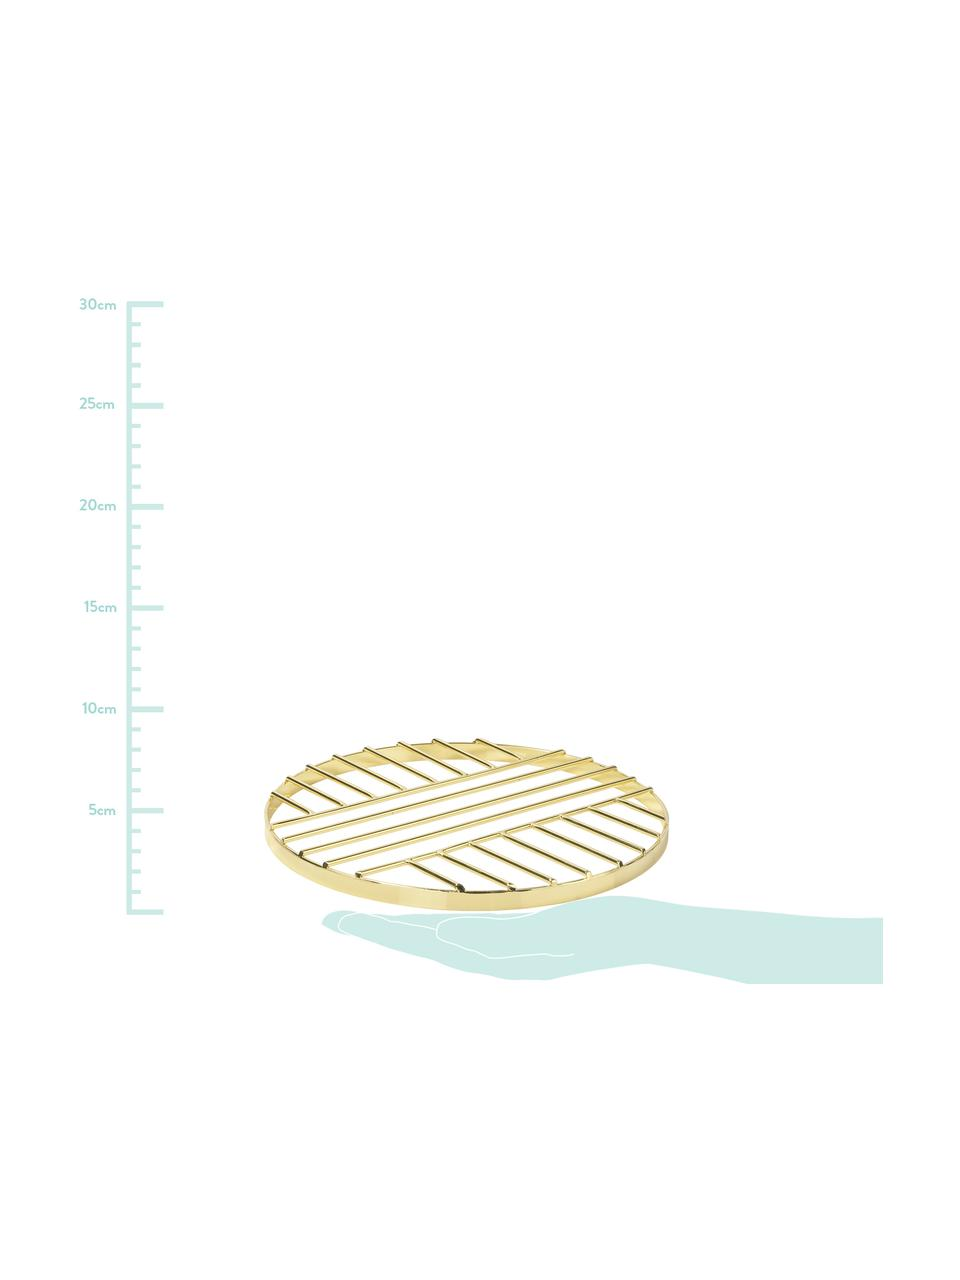 Podstawka pod gorące naczynia Thrive, Metal powlekany, Odcienie mosiądzu, Ø 20 cm